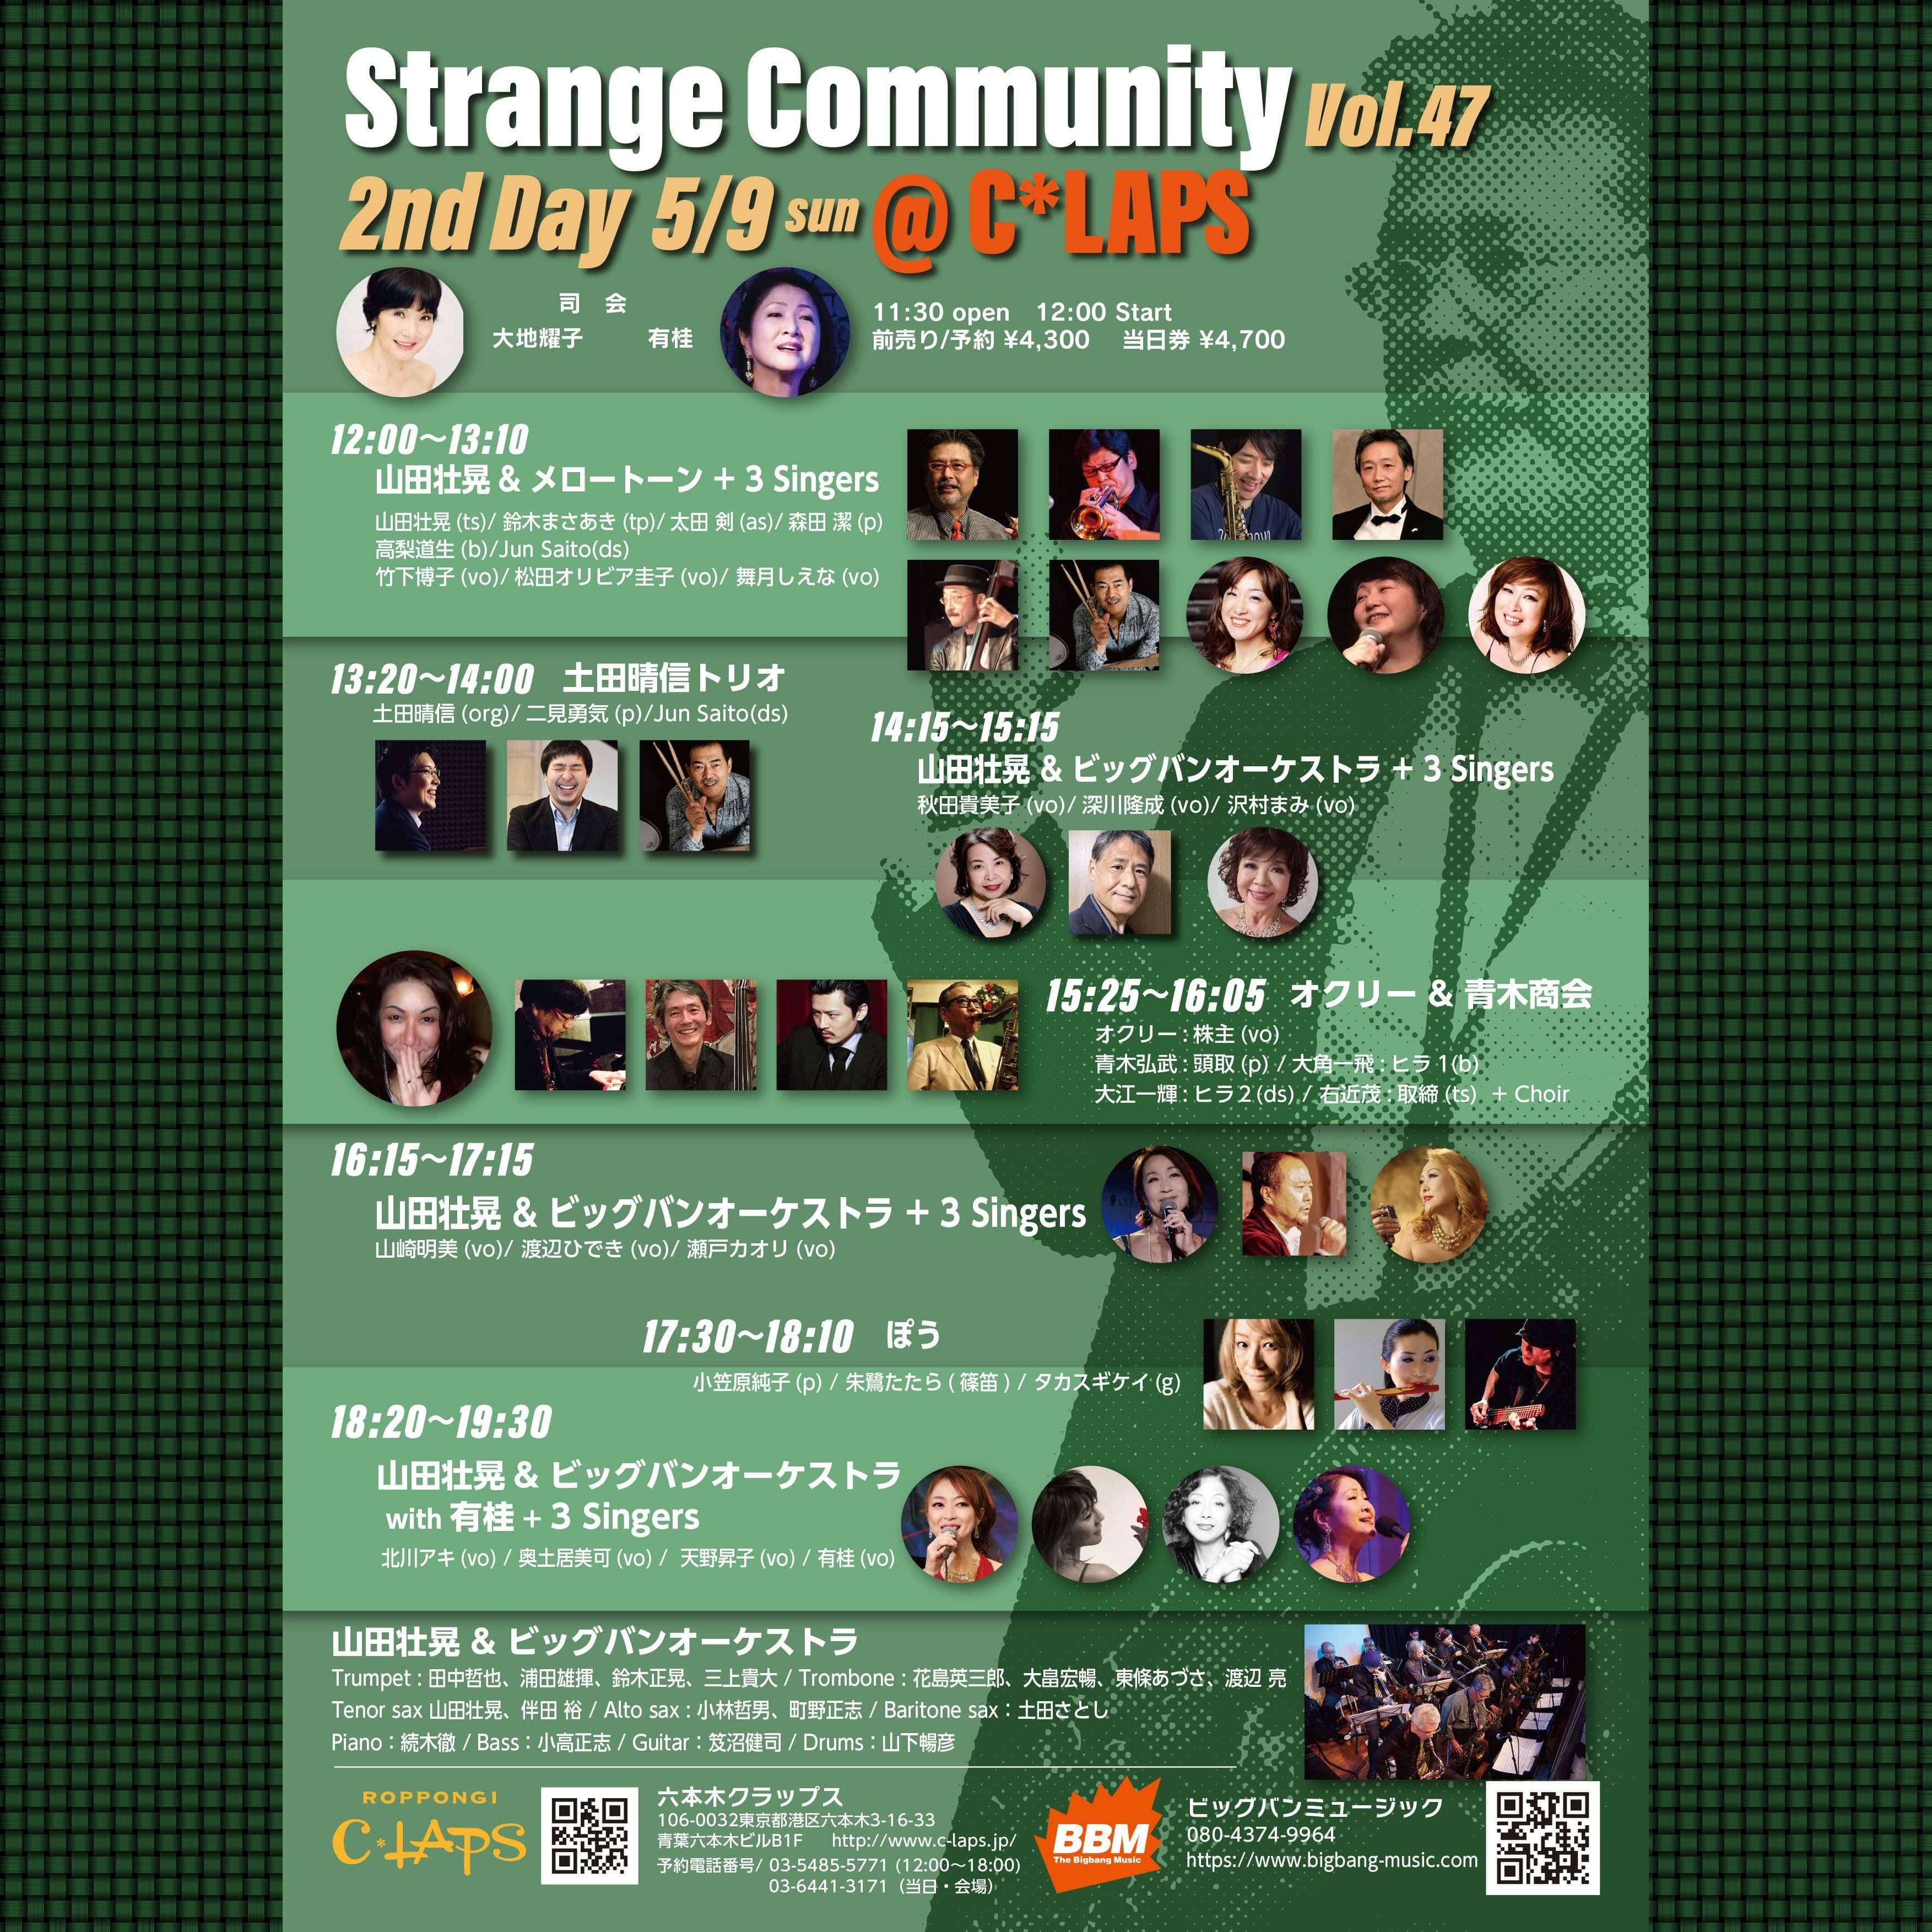 【公演延期】山田壮晃 & ビッグバンオーケストラ、ほか